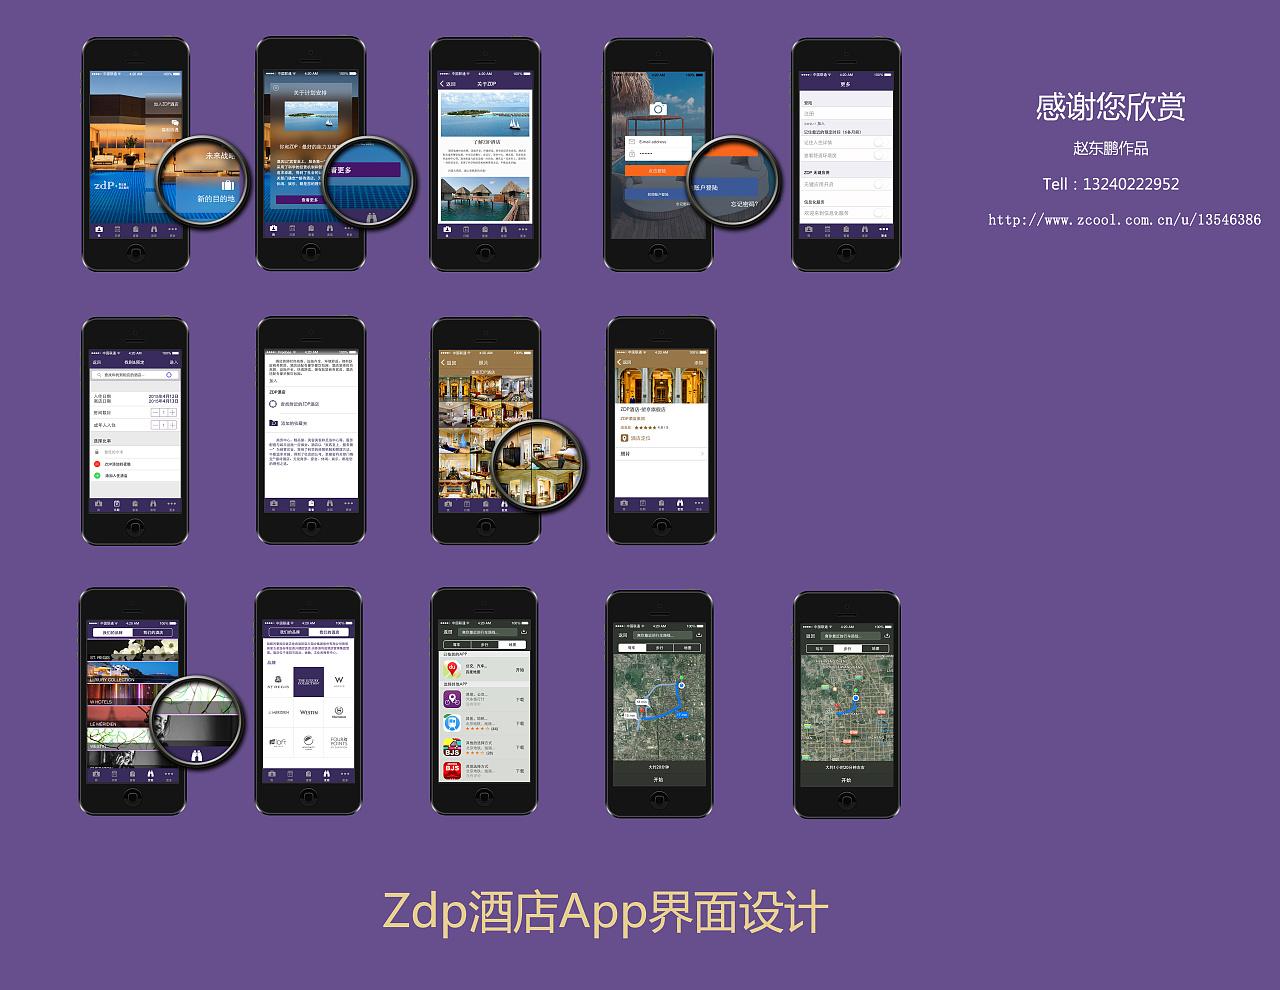 zdp酒店app是基于香格里拉酒店项目 自己